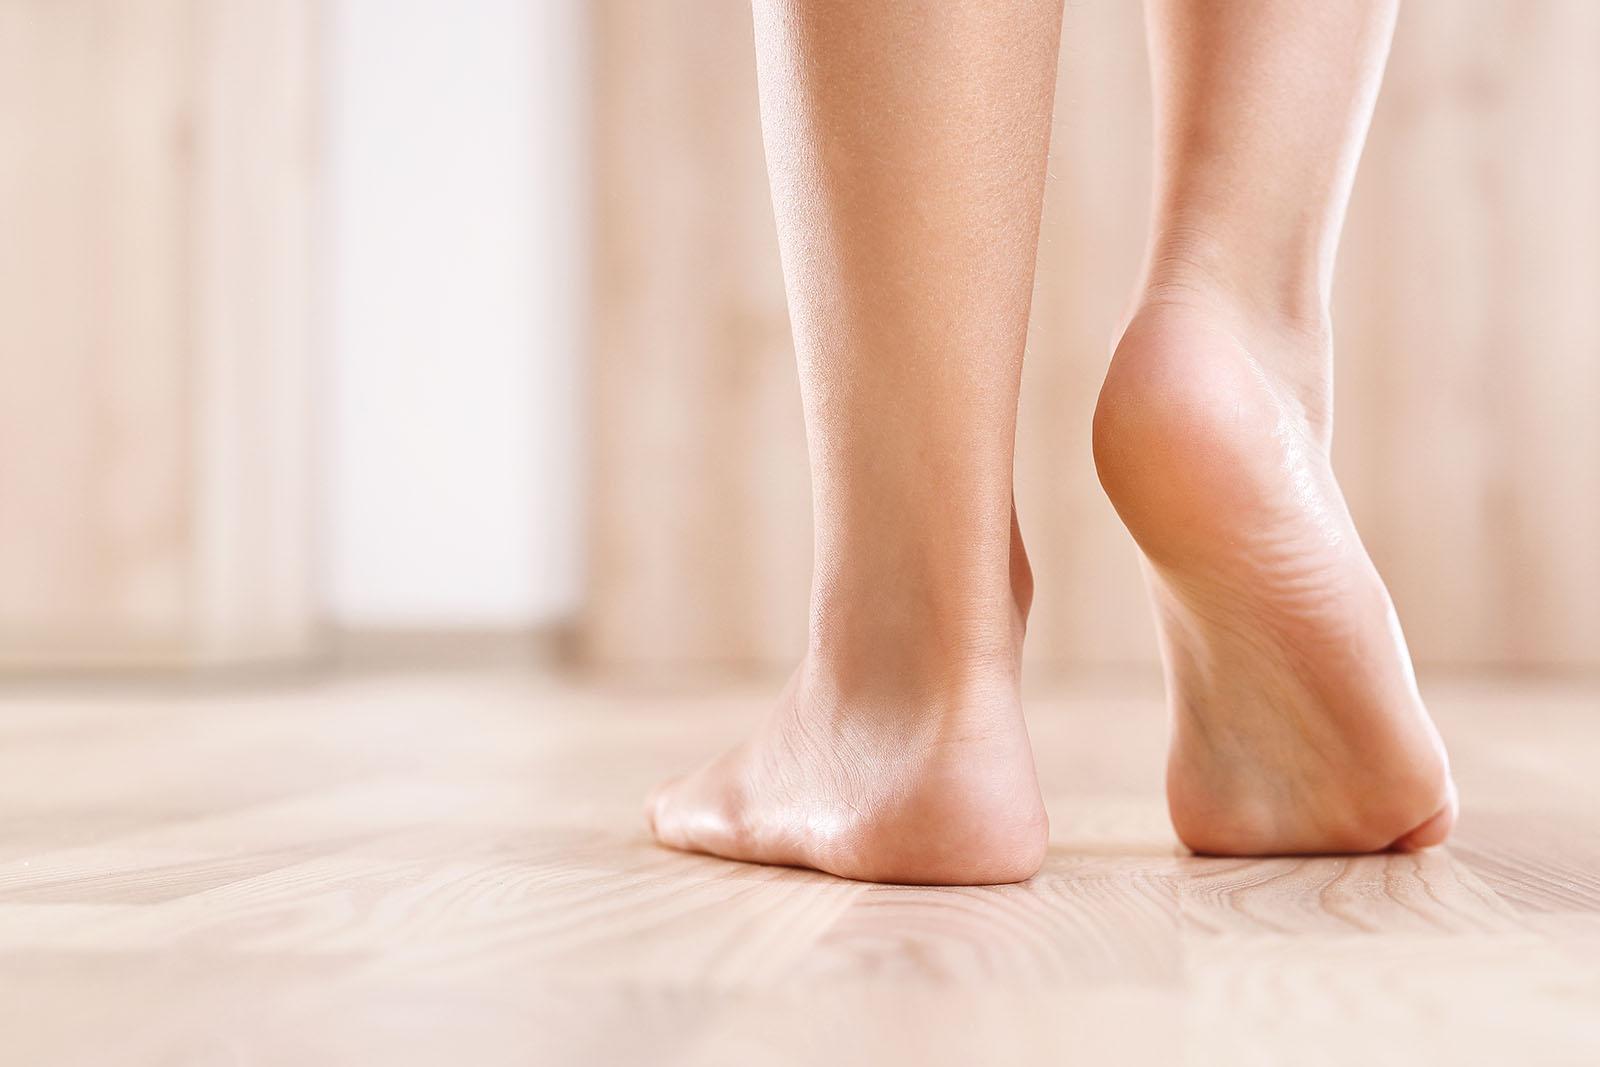 وصفات منزلية سهلة لعلاج تشقق القدمين